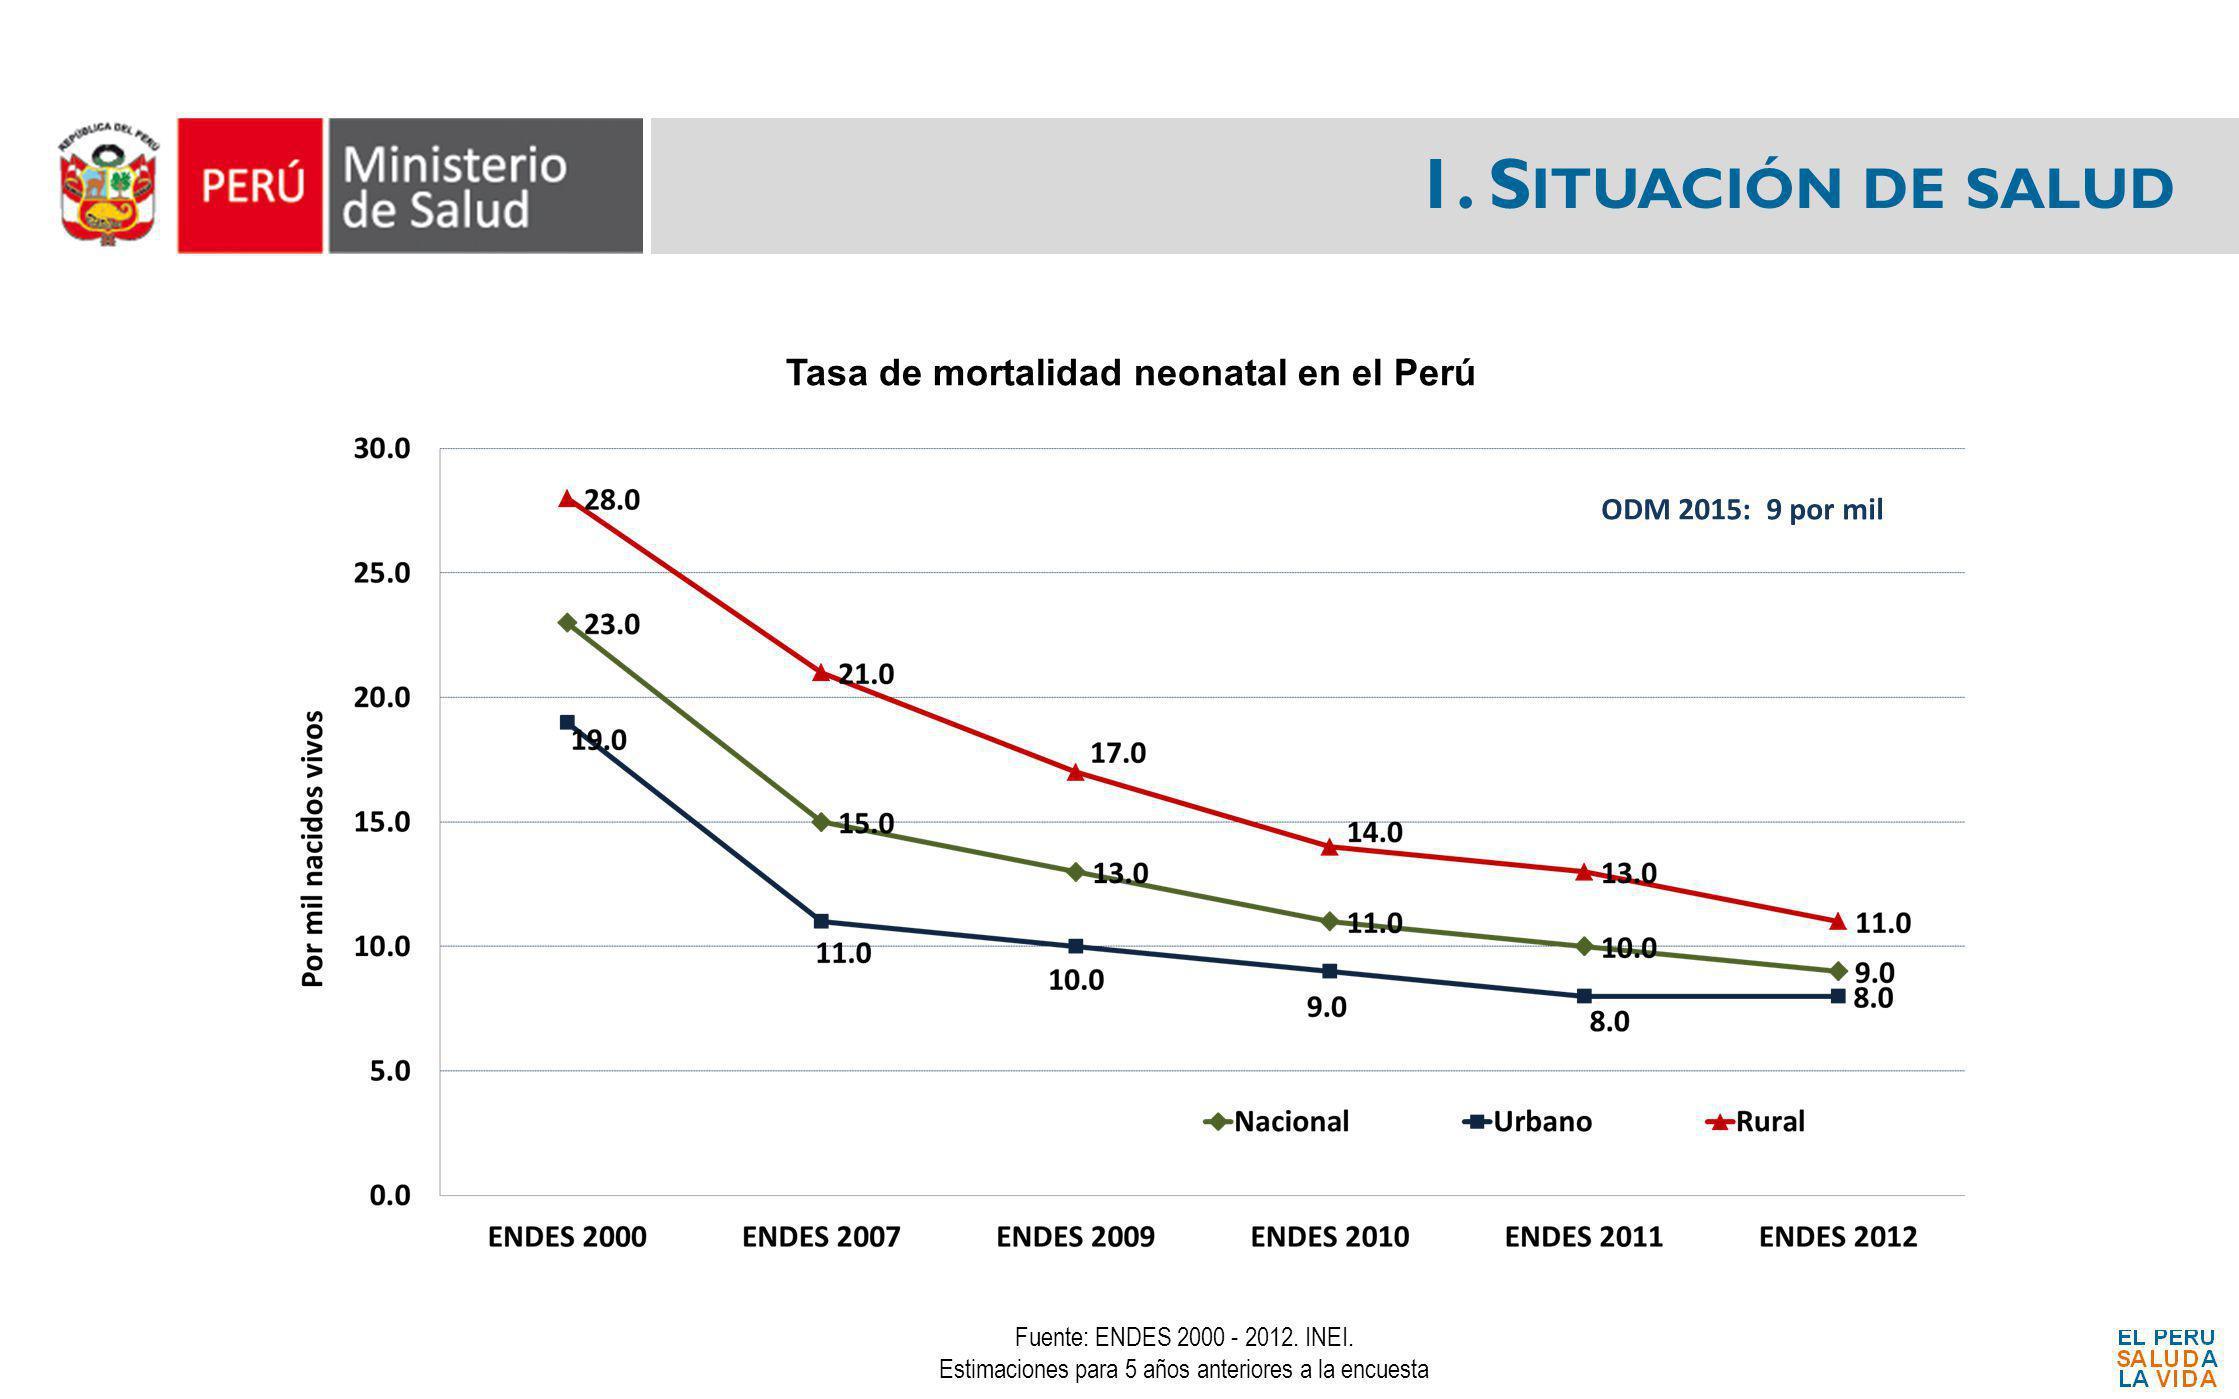 3.A VANCES EN COBERTURA PRESTACIONAL Percepción de calidad de atención* en hospitales públicos.